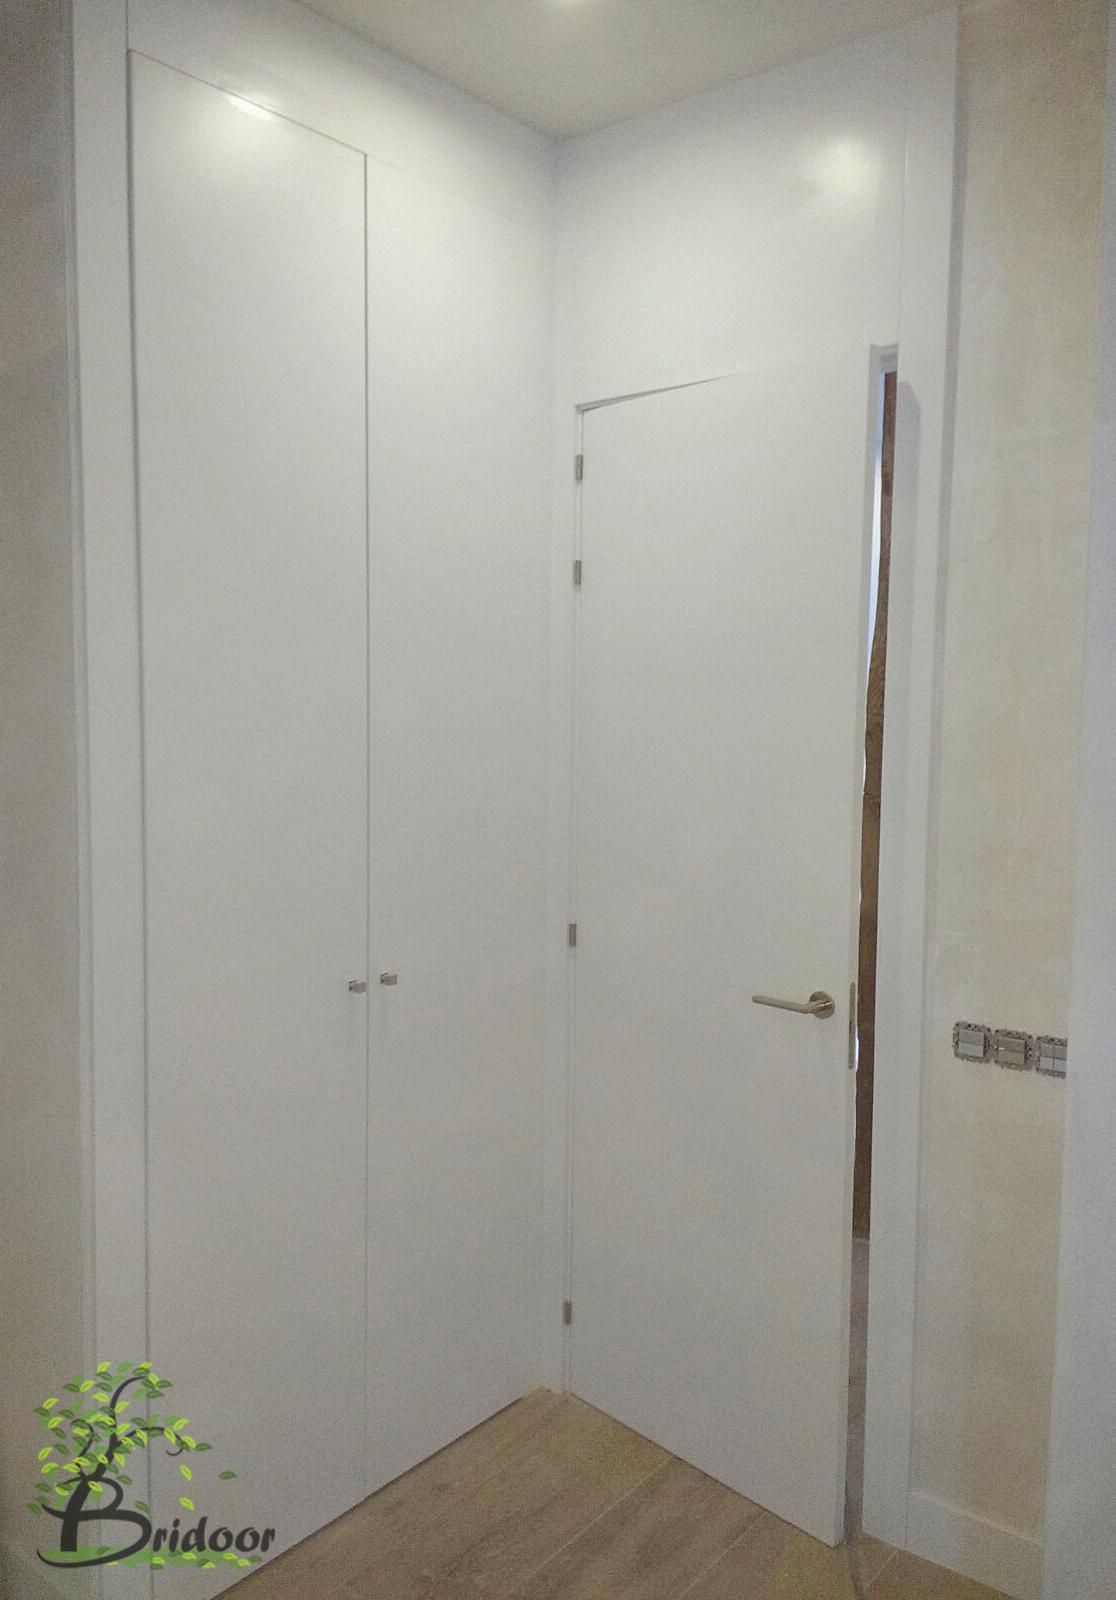 Bridoor s l vivienda lacada con puertas y armarios en c for Puertas y armarios